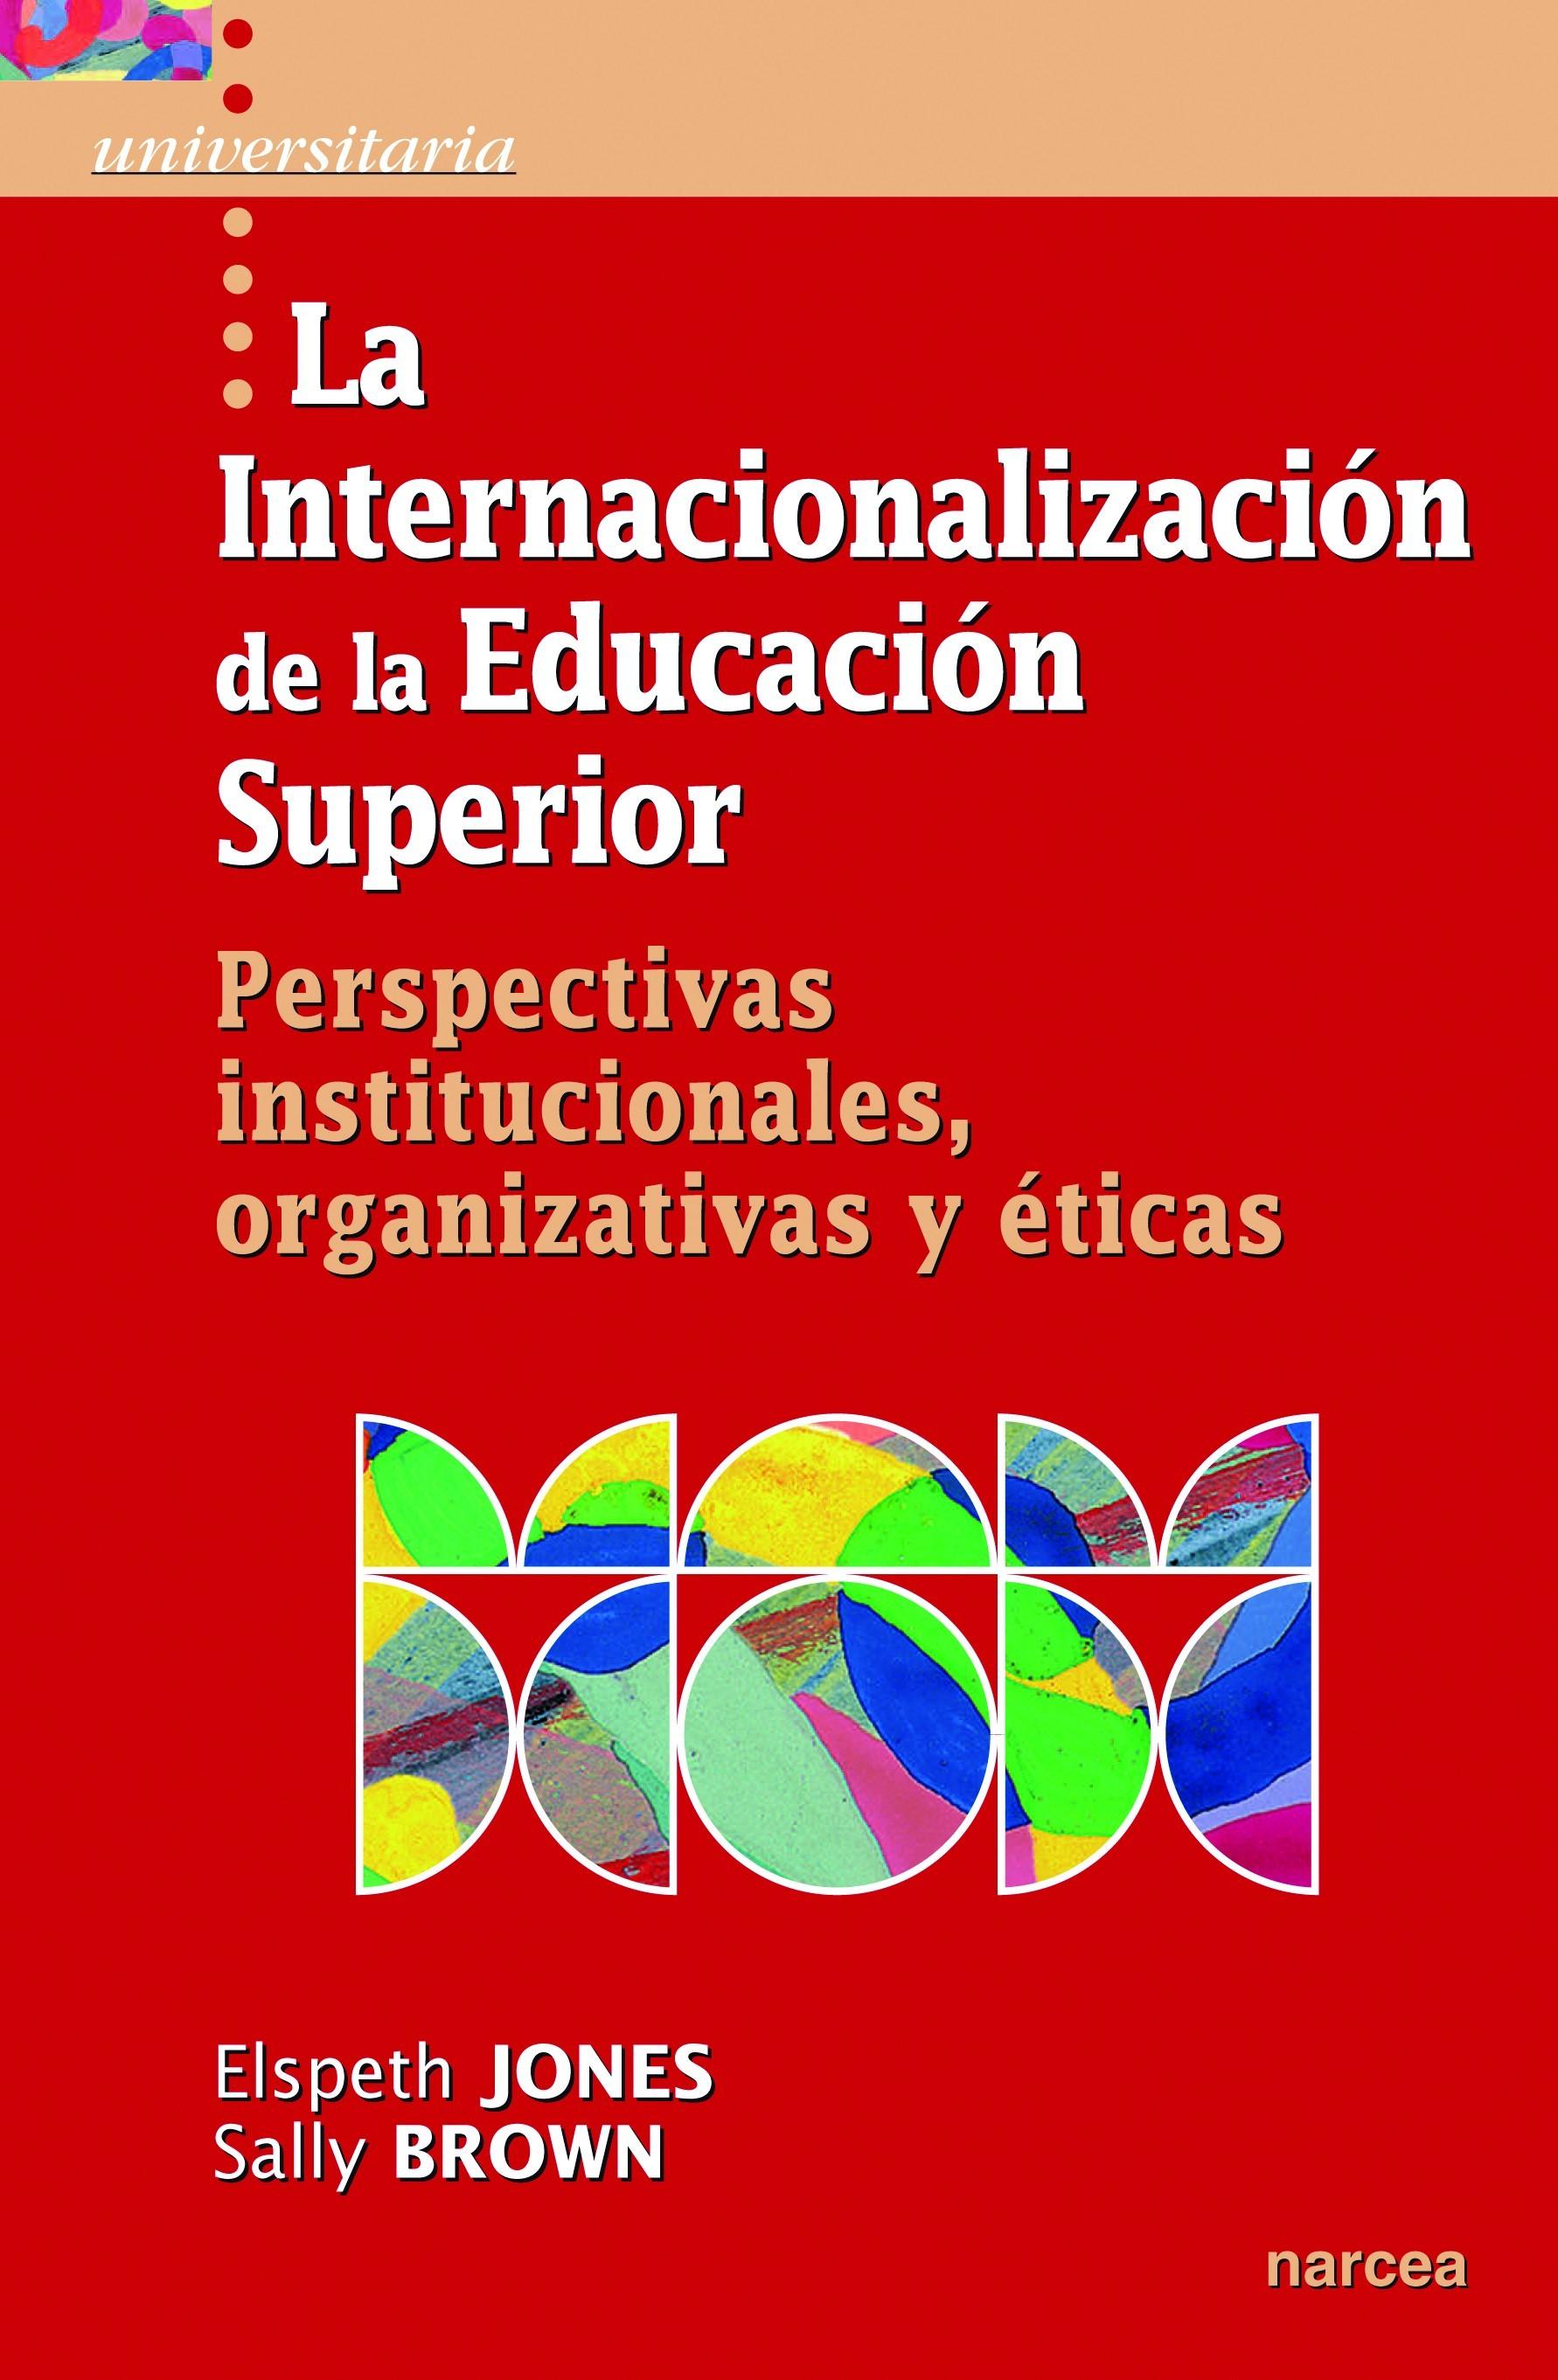 La internacionalización de la Educación Superior